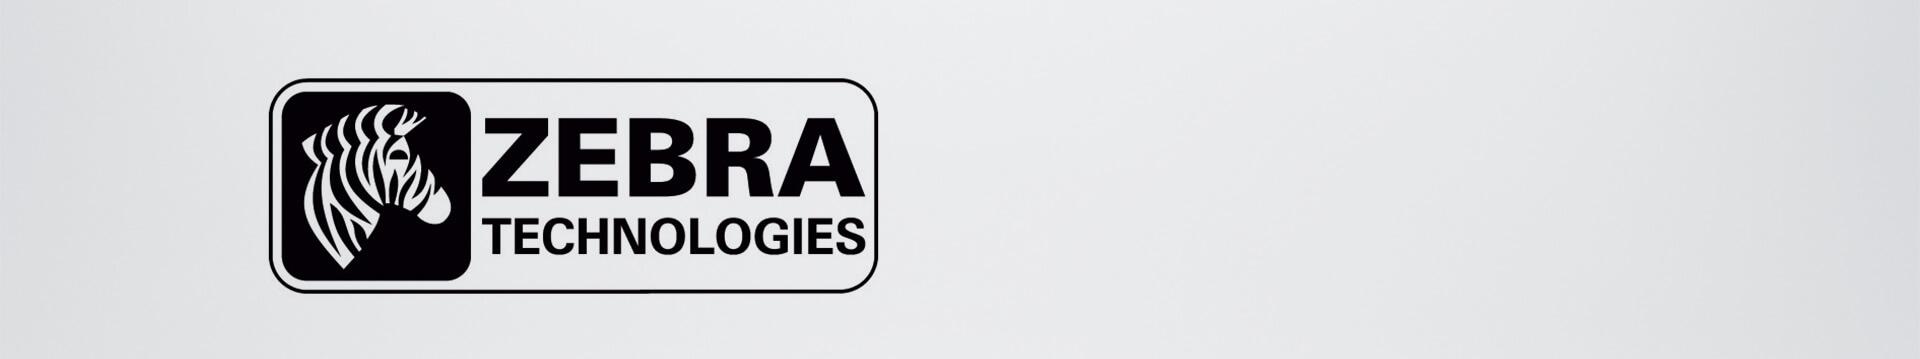 Zebra Hersteller Logo